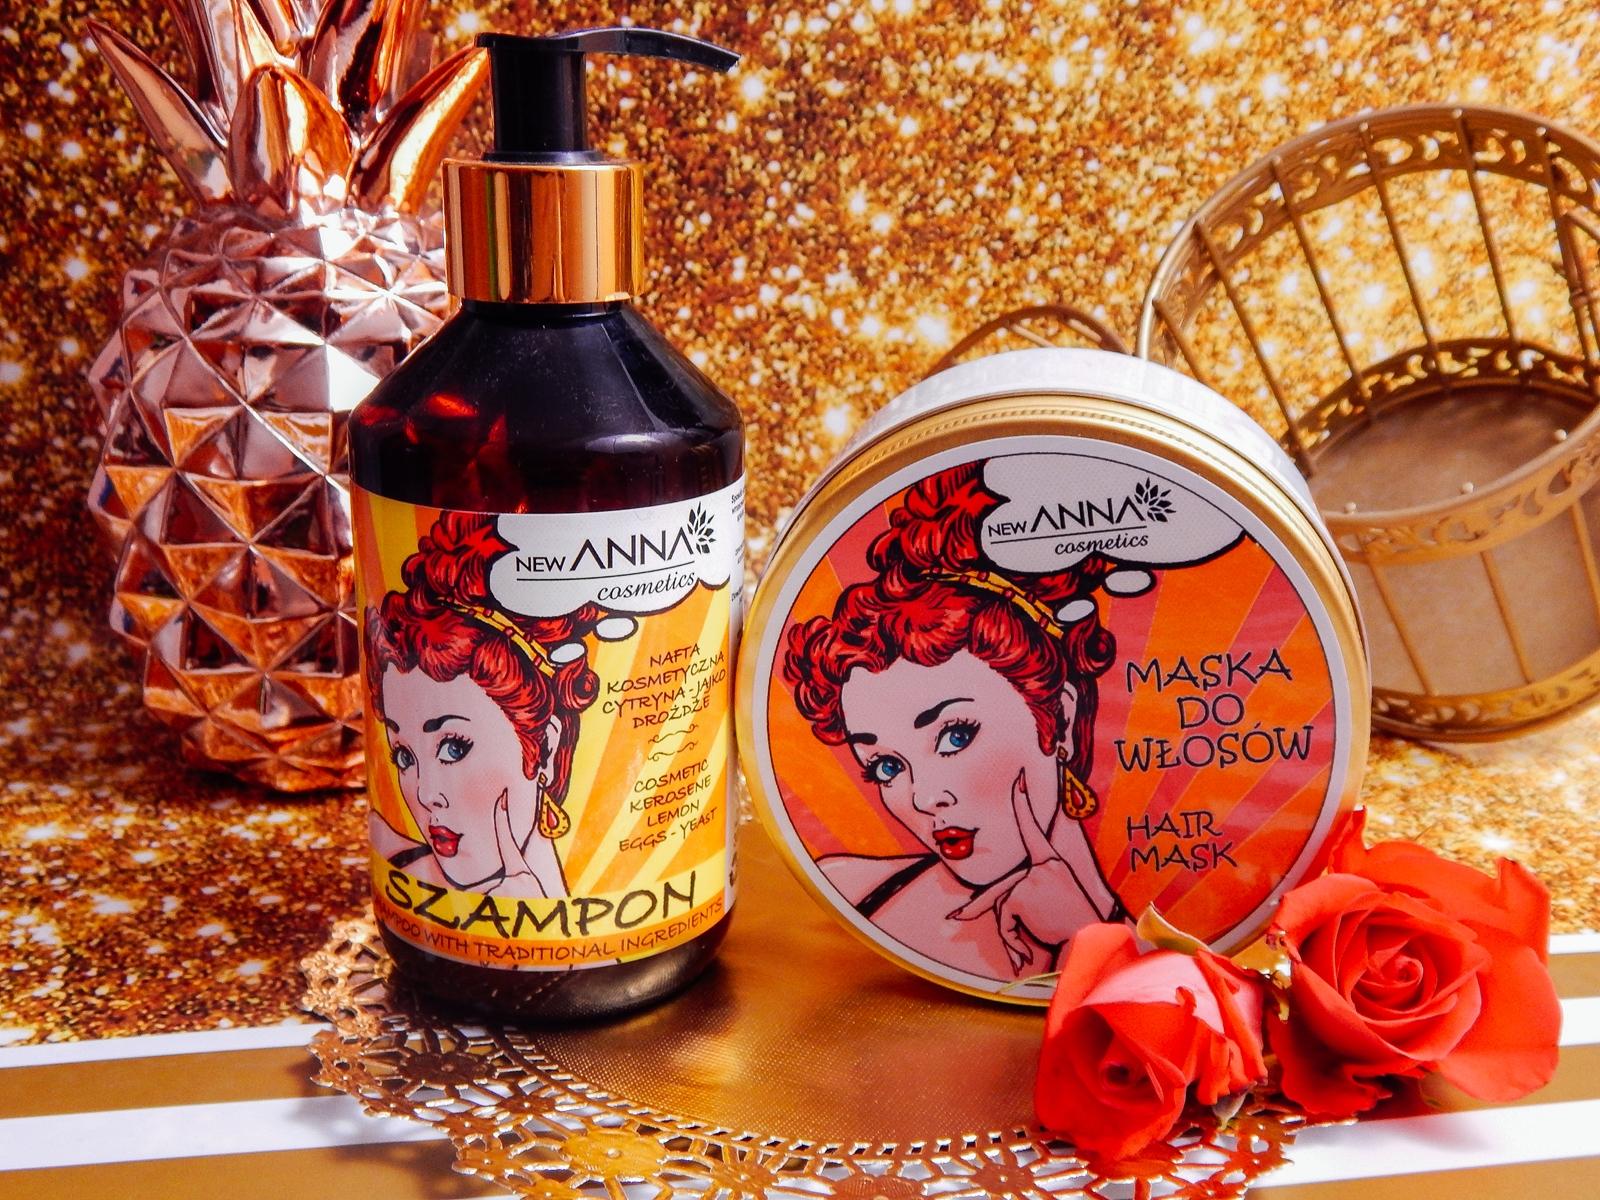 1 new anna cosmetics szampon z naftą kosmetyczną cytryną jajkiem i drożdżami maska do włosów z naftą kosmetyczną opinie recenzje szapon do włosow przetłuszczających się maska do włosów tłustych odrzywka-2